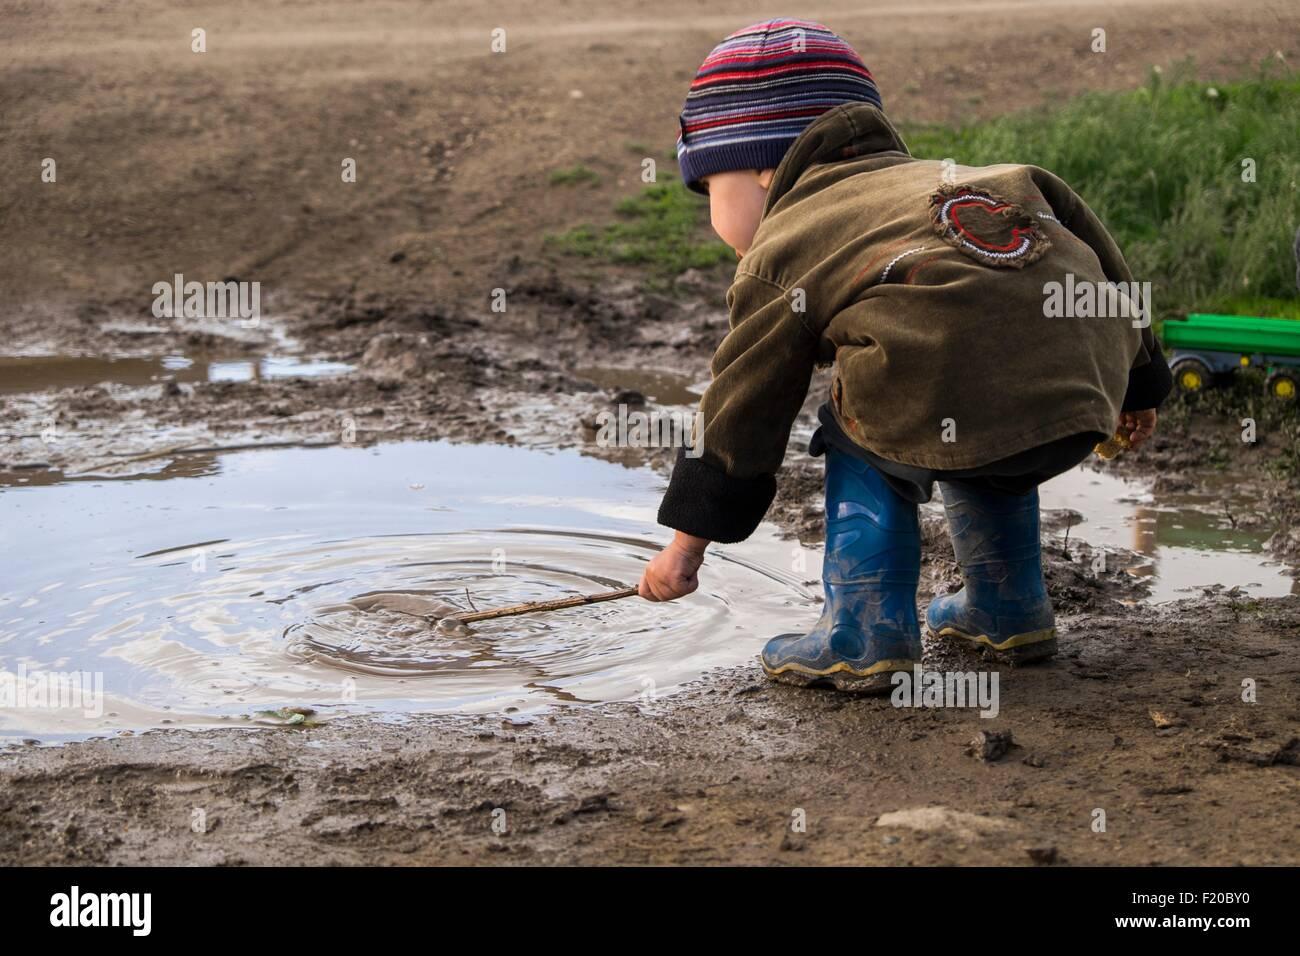 Usando botas de goma niño masculino jugando con bastón en charco Foto de stock